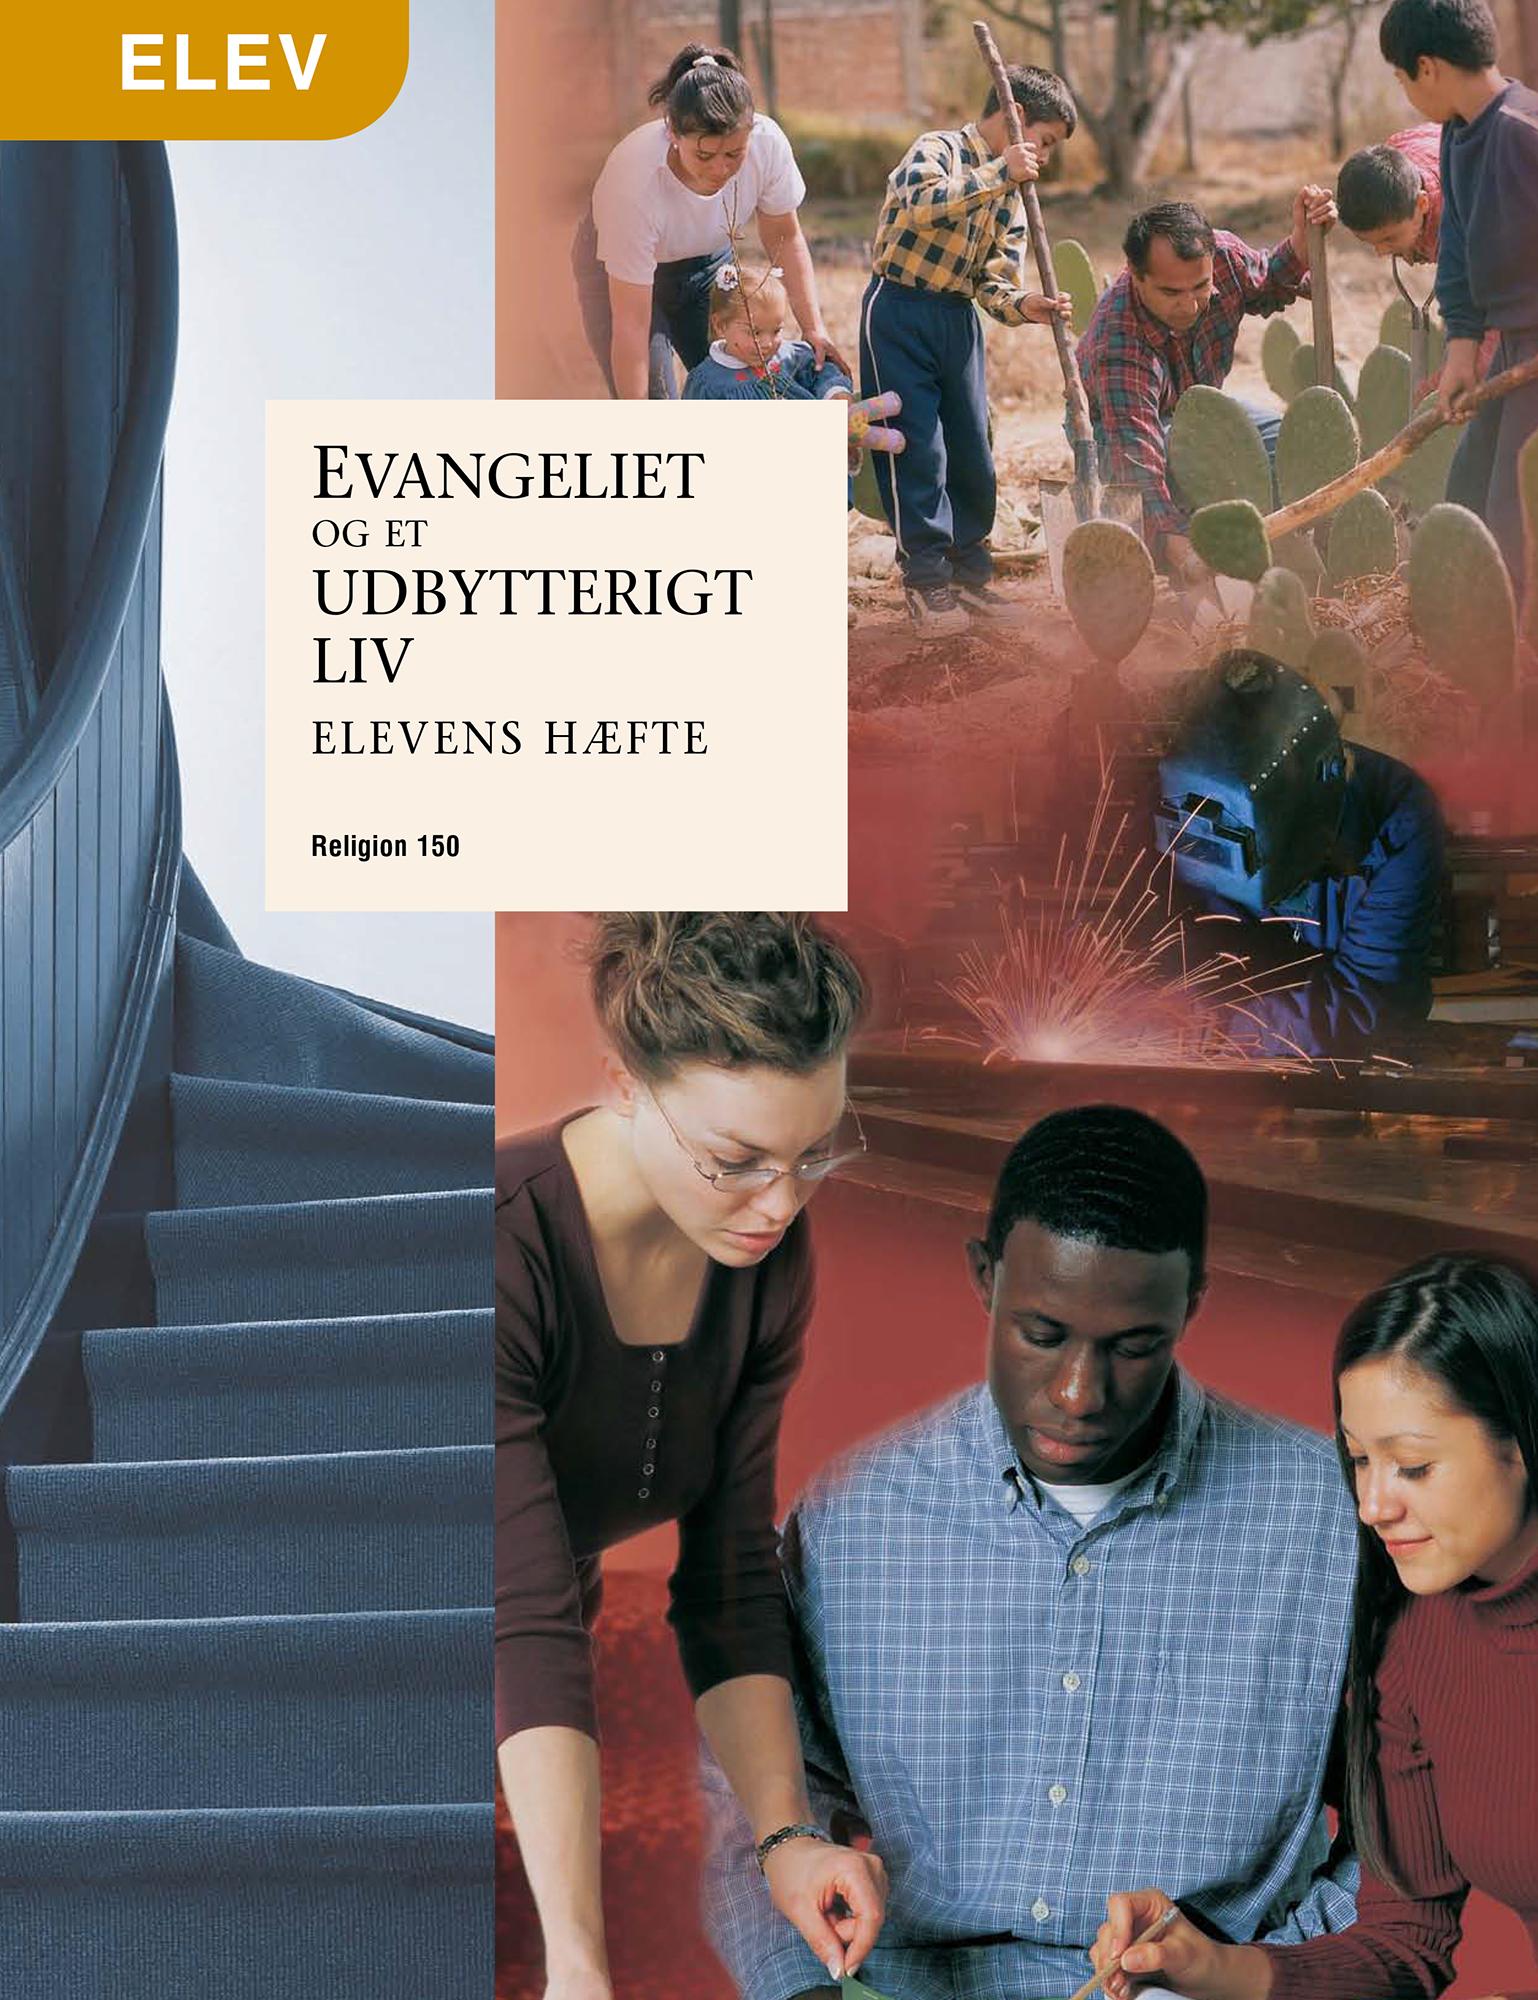 Evangeliet og et udbytterigt liv – Elevens hæfte (Rel 150)